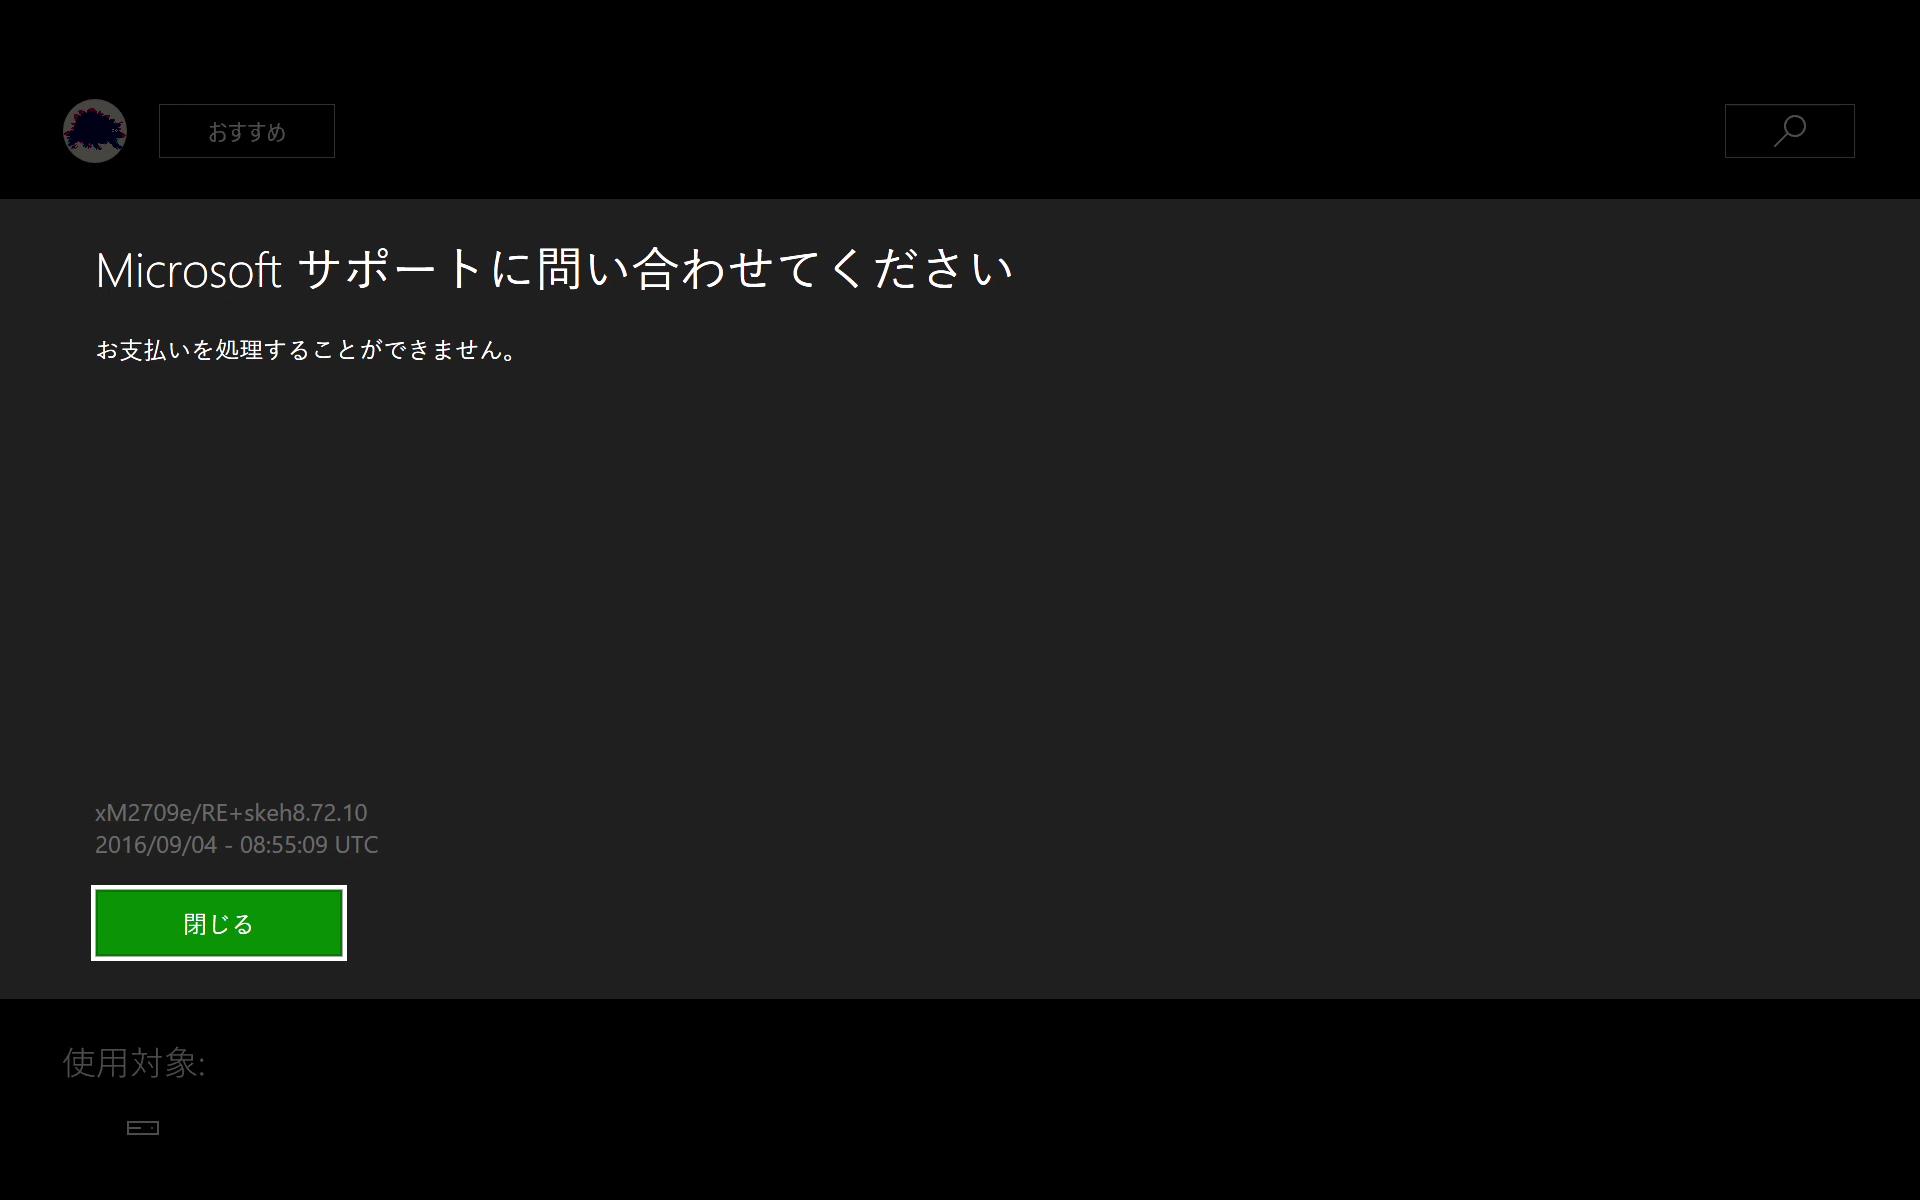 Xbox 2016_09_04 17_56_00